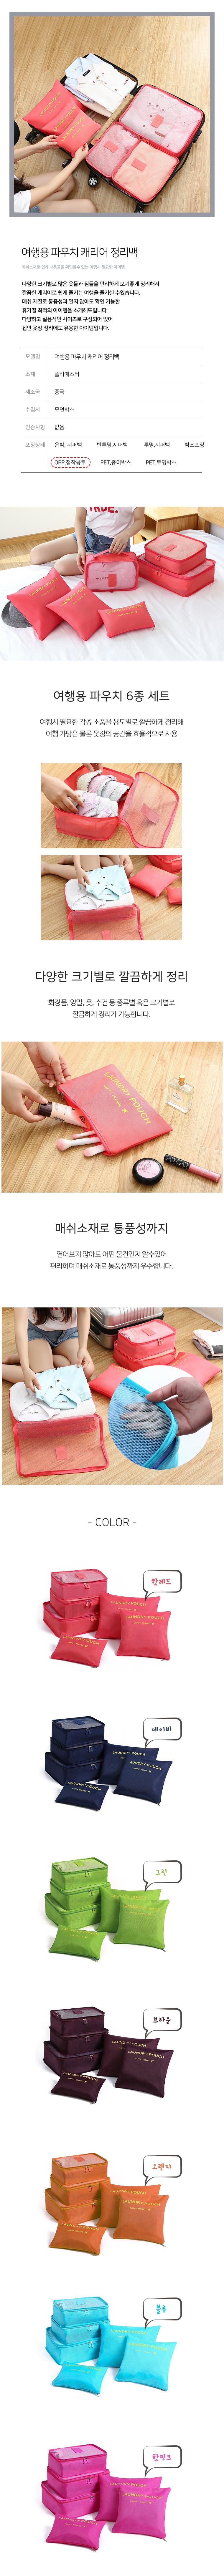 여행용 파우치 캐리어 정리백 - 폭스타일, 9,000원, 트래블팩단품, 멀티파우치